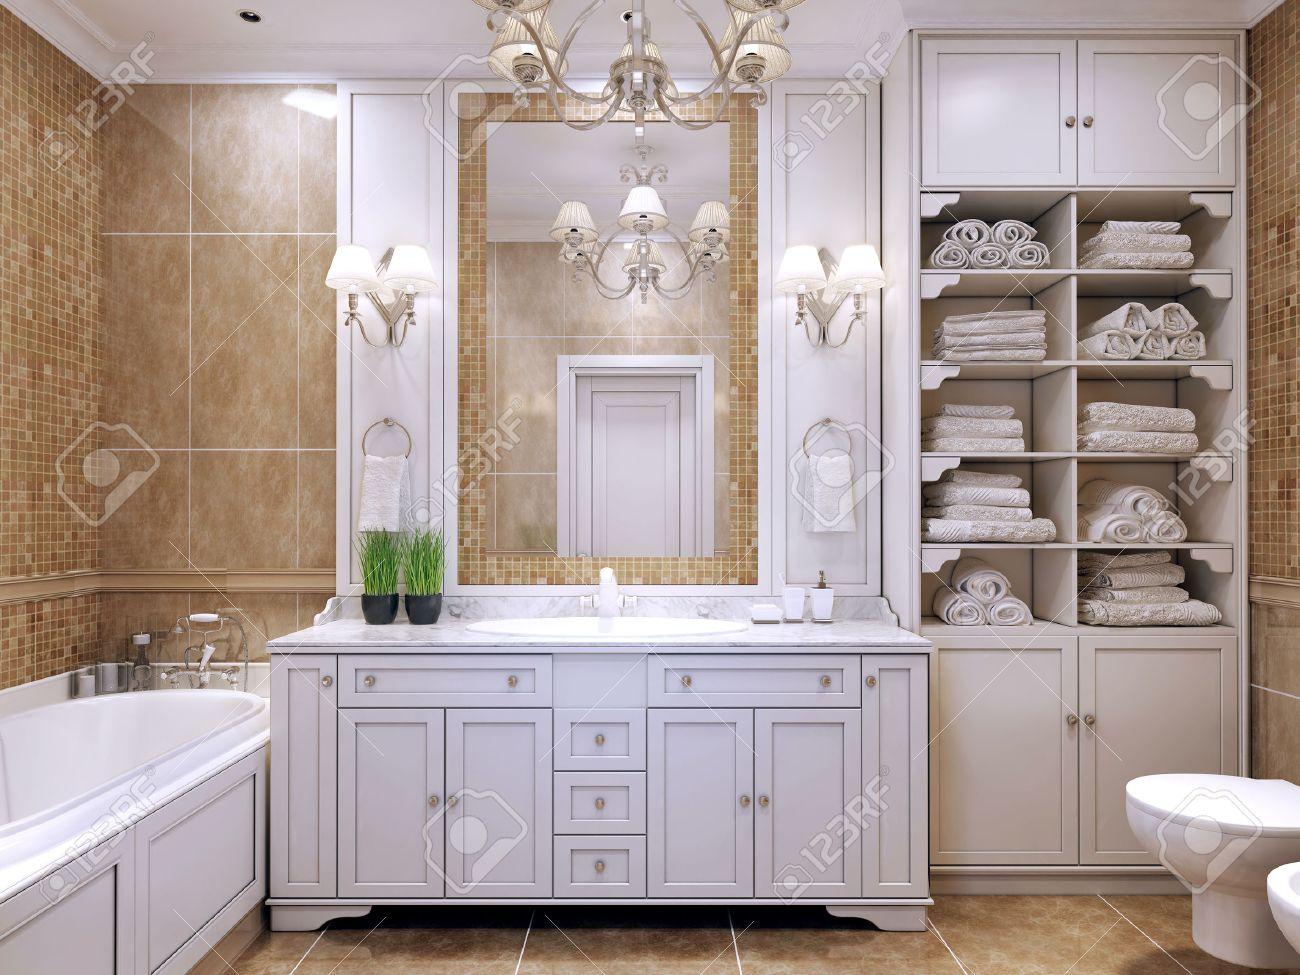 meubles de salle de bains classique. couleur crème salle de bains ... - Salle De Bain Classique